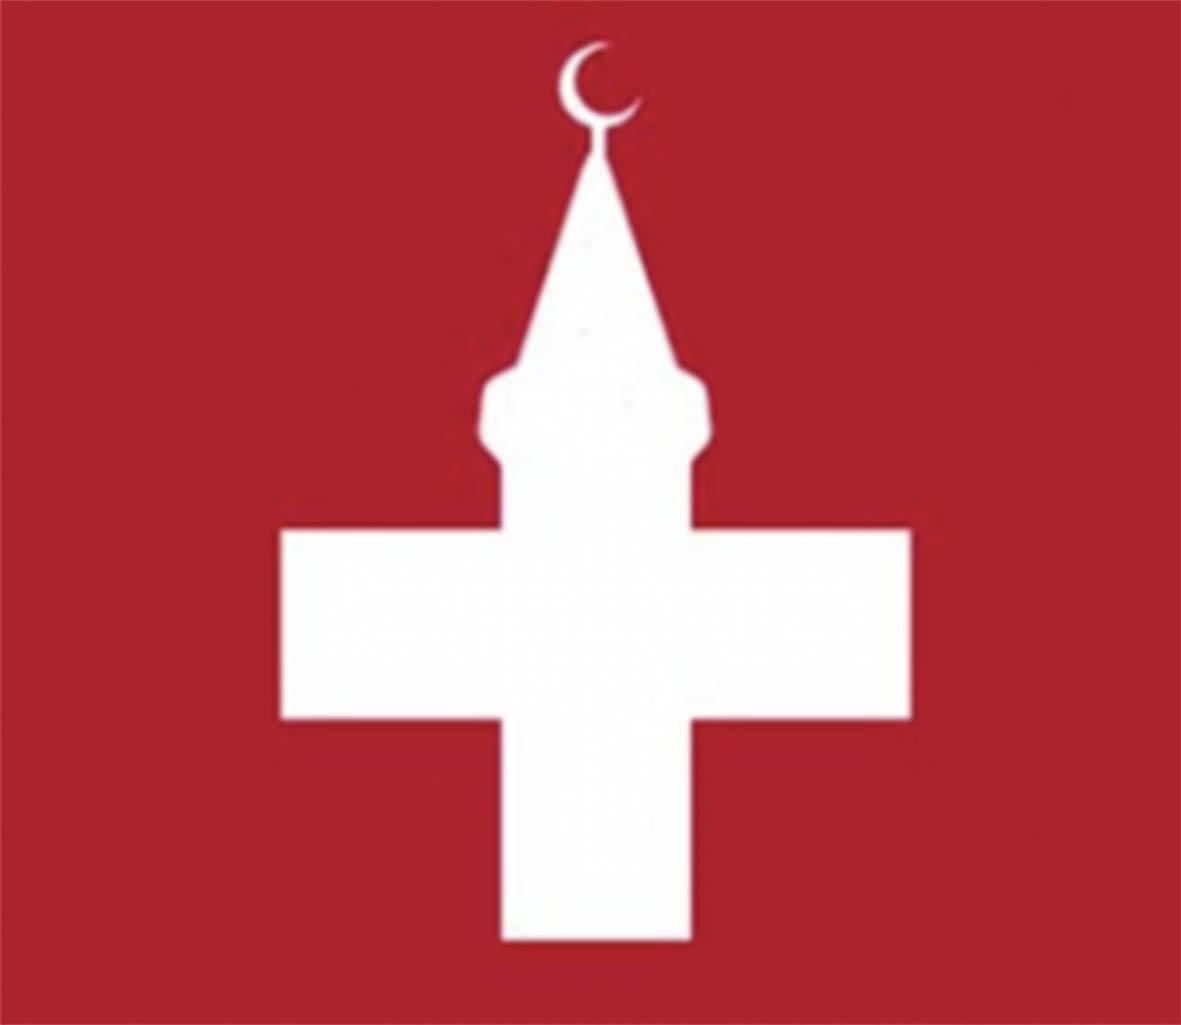 Le drapeau suisse islamisé.